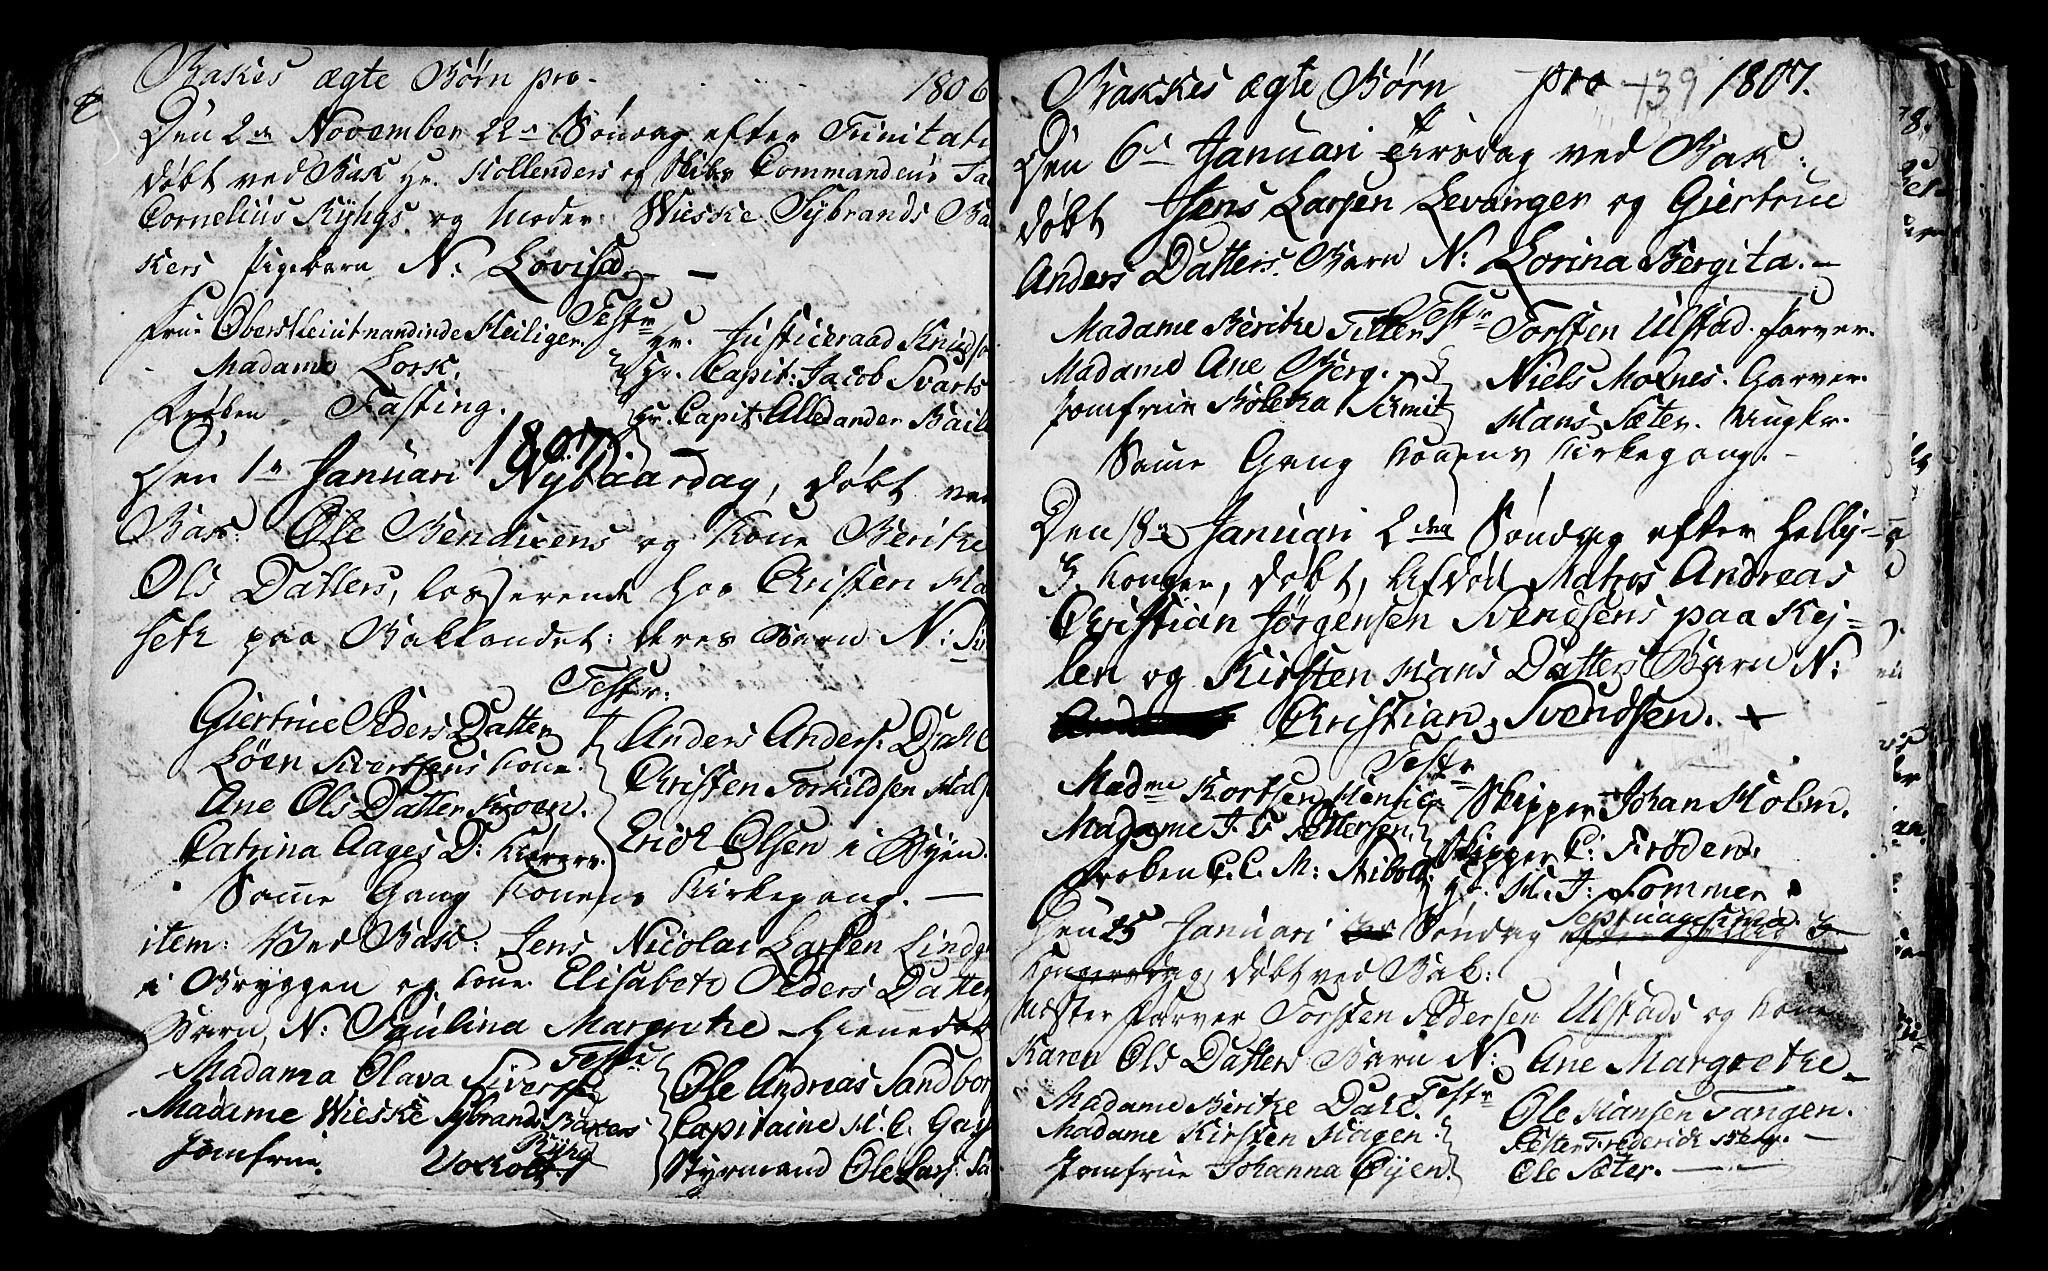 SAT, Ministerialprotokoller, klokkerbøker og fødselsregistre - Sør-Trøndelag, 604/L0218: Klokkerbok nr. 604C01, 1754-1819, s. 139